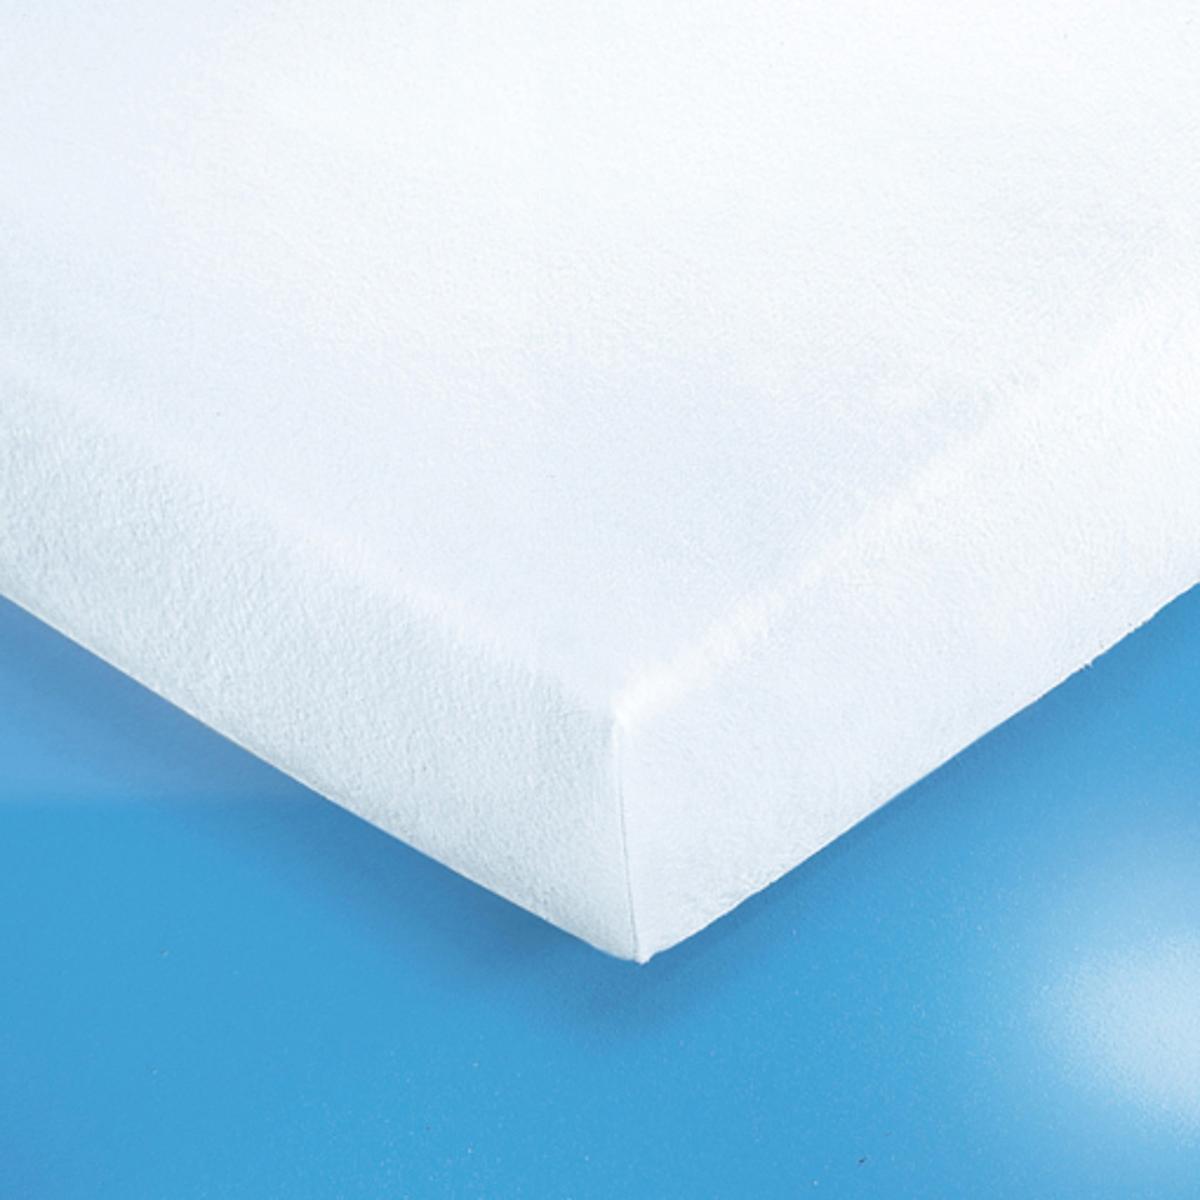 купить Чехол La Redoute Защитный для матраса натяжной из эластичной махровой ткани 90 x 190 см белый дешево